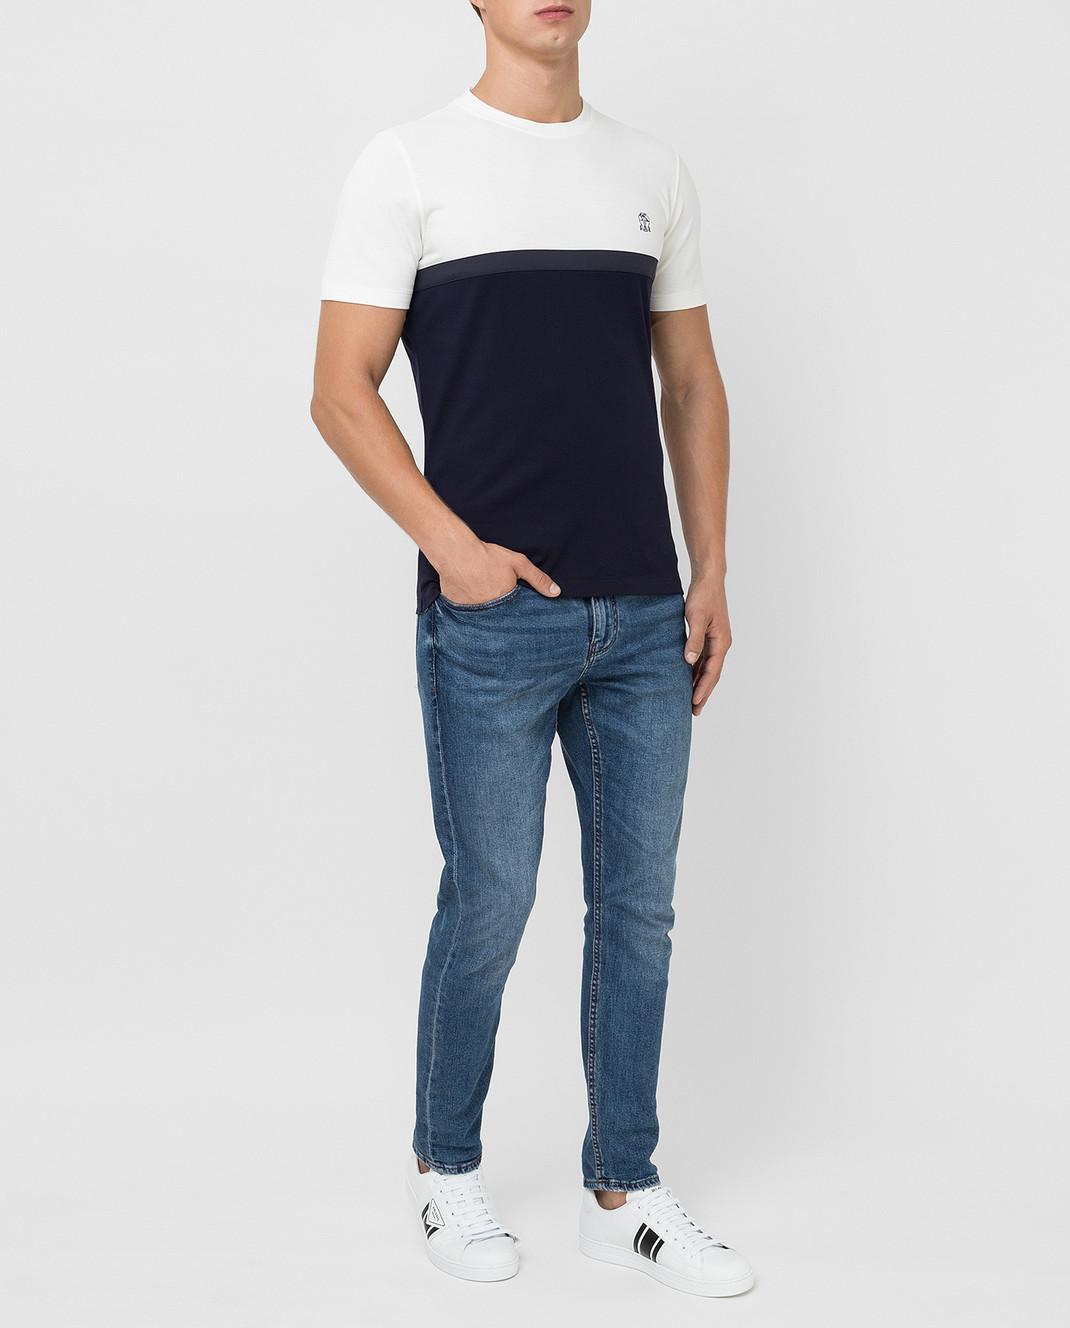 Brunello Cucinelli Темно-синяя футболка изображение 2